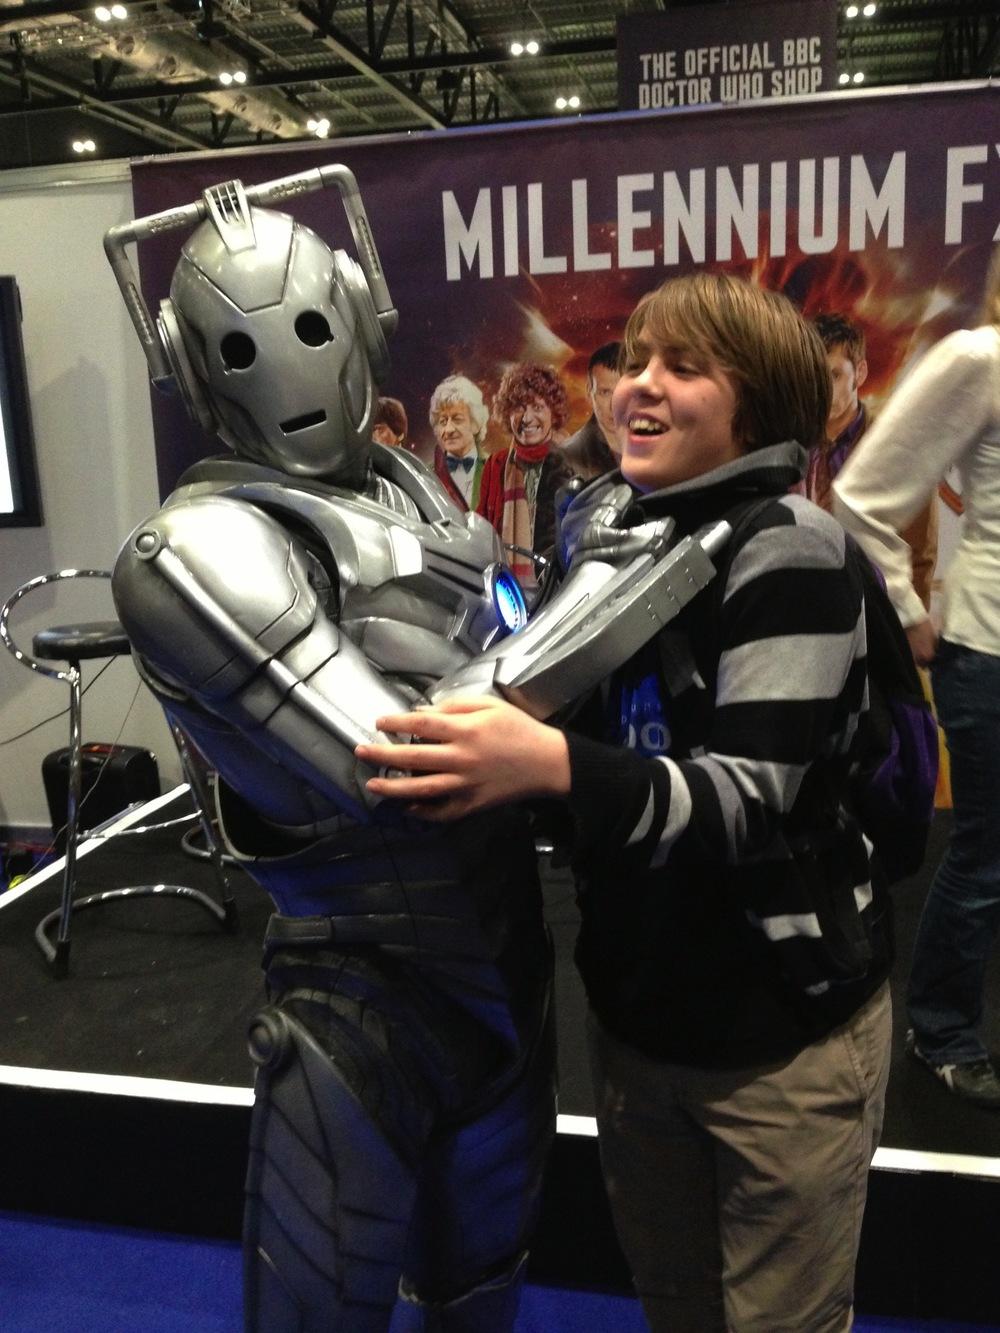 A Cyberman greets Ben...